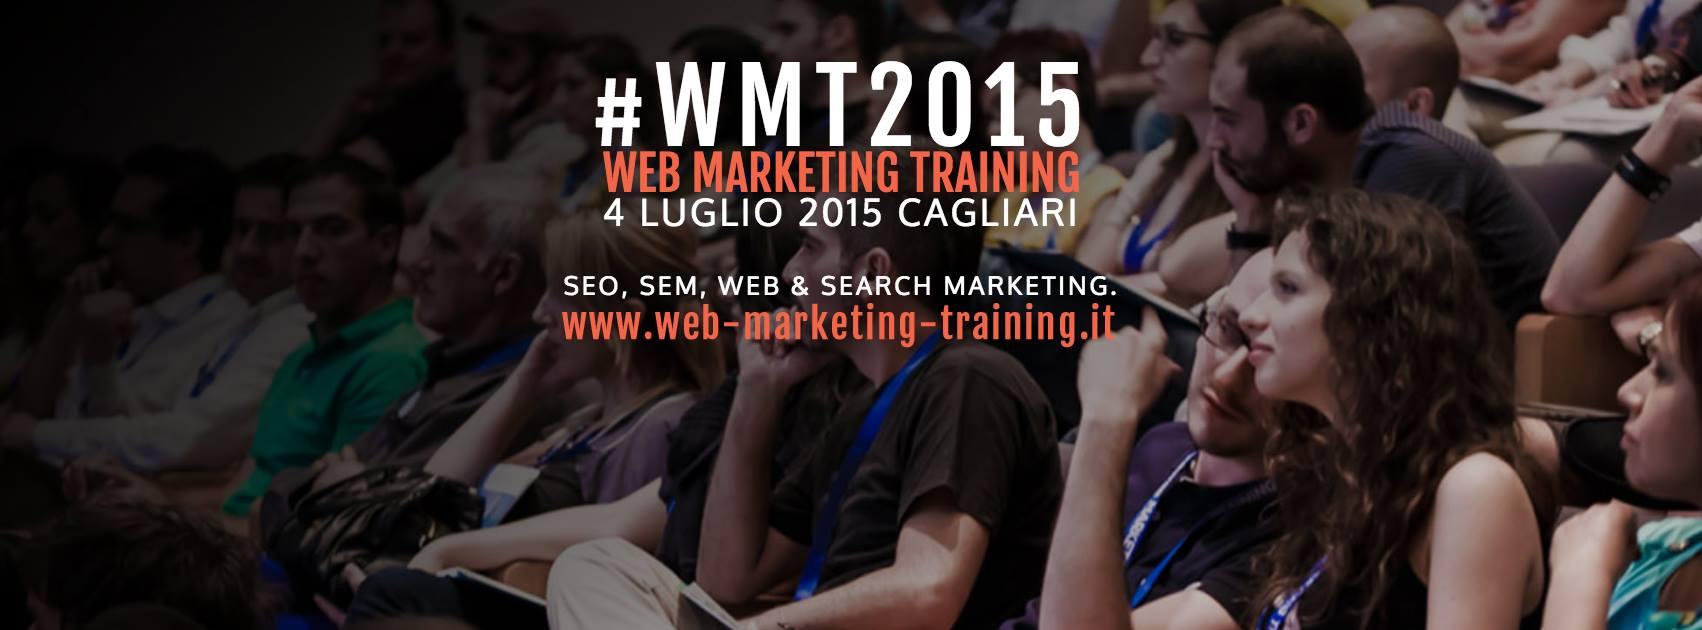 Anche quest'anno ci vediamo al WMT di Cagliari: vi parlerò dei Facebook Ads